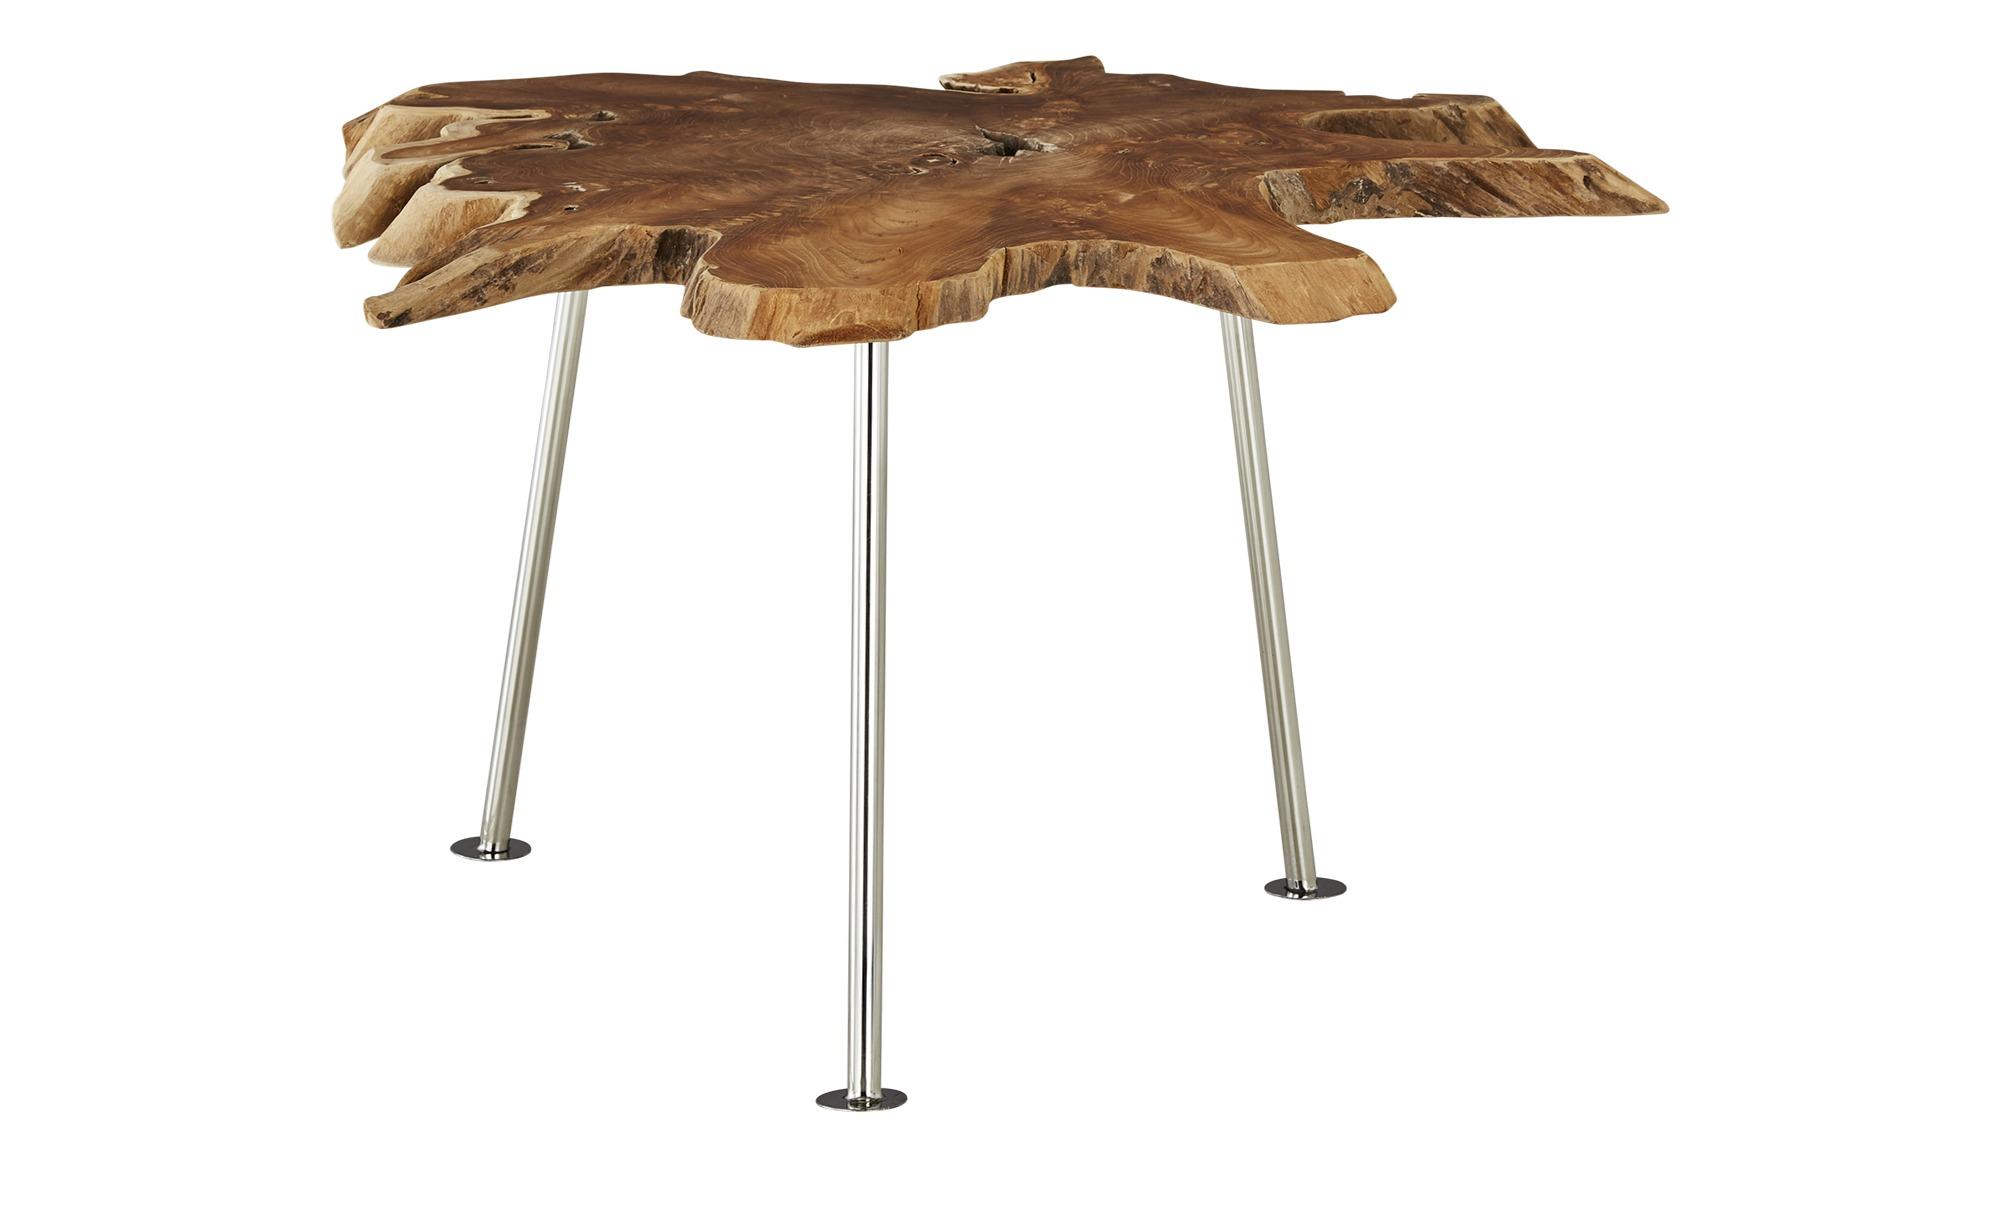 Couchtisch  Wood-M ¦ Maße (cm): H: 40 Ø: [80.0] Tische > Couchtische > Couchtisch Massivholz - Höffner